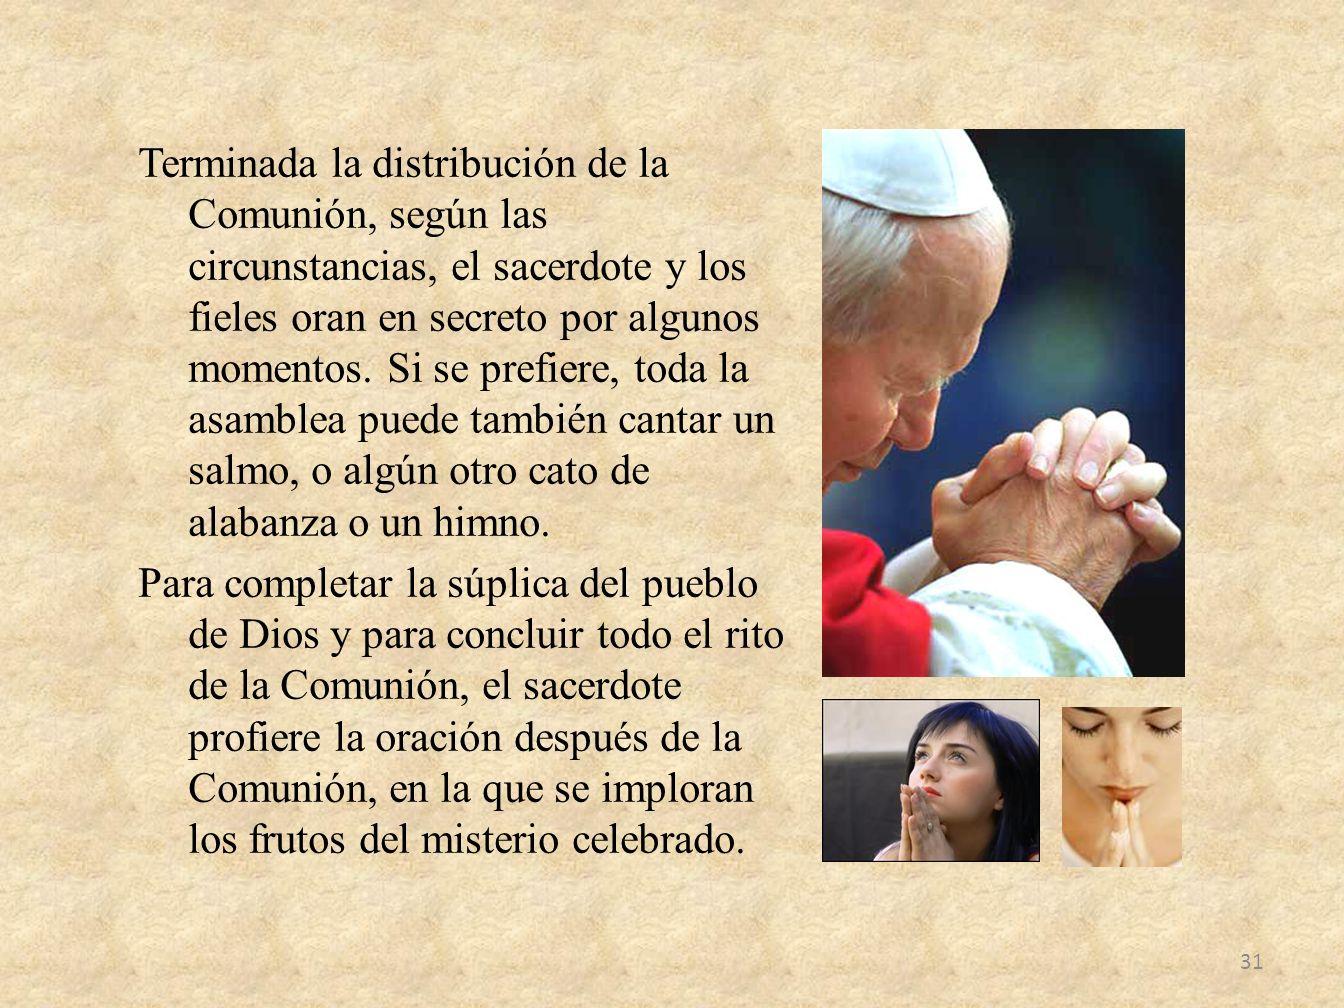 Terminada la distribución de la Comunión, según las circunstancias, el sacerdote y los fieles oran en secreto por algunos momentos. Si se prefiere, to